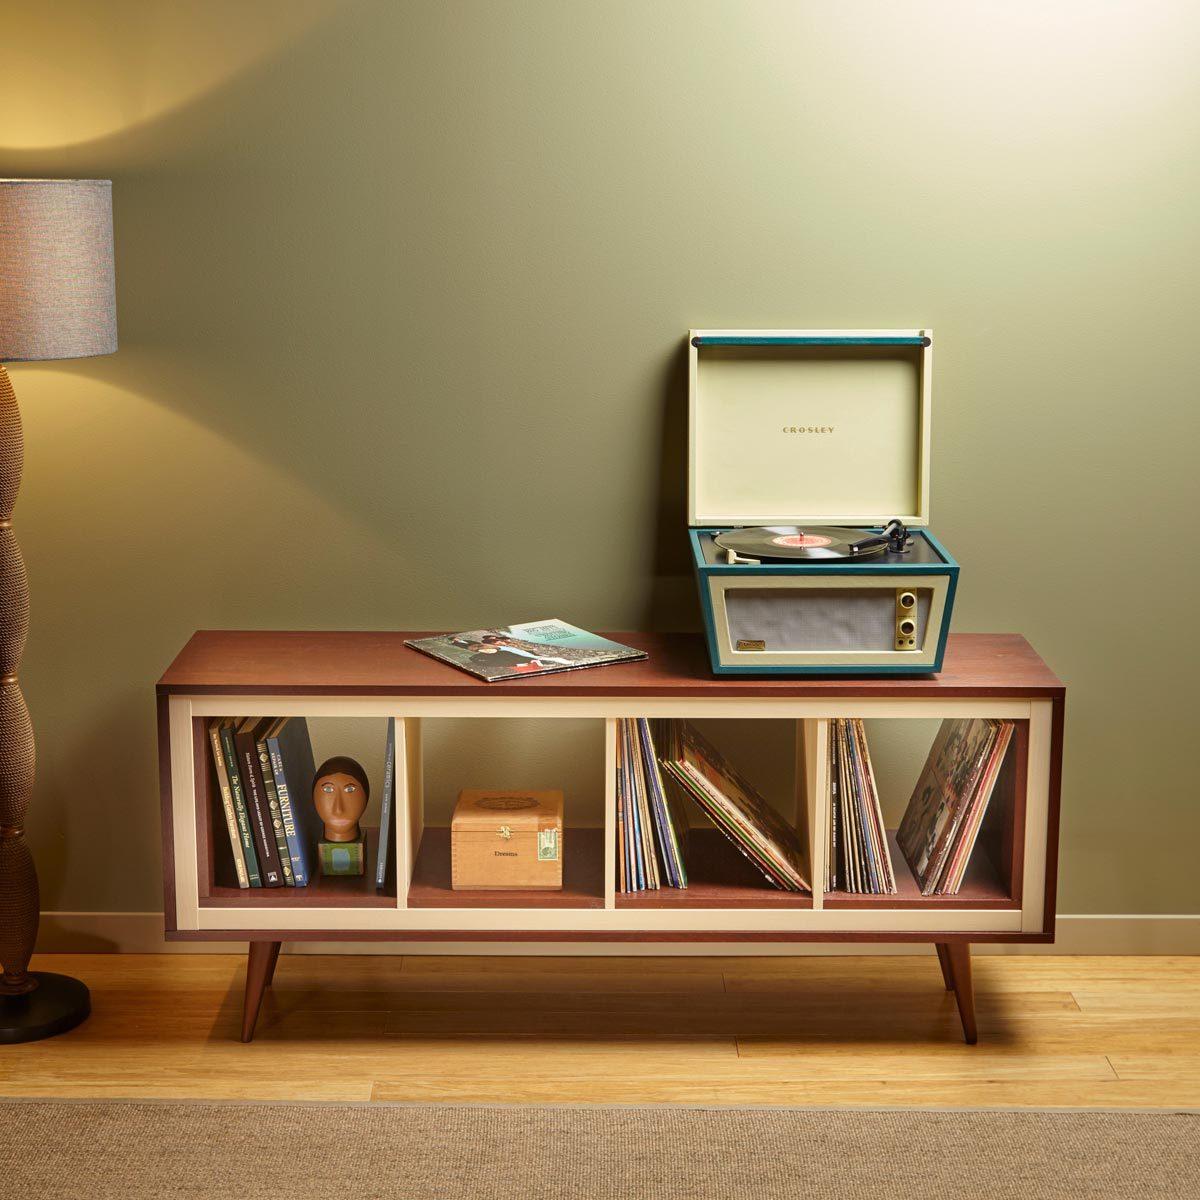 Ikea Hack Mid Century Modern Console Using Kallax